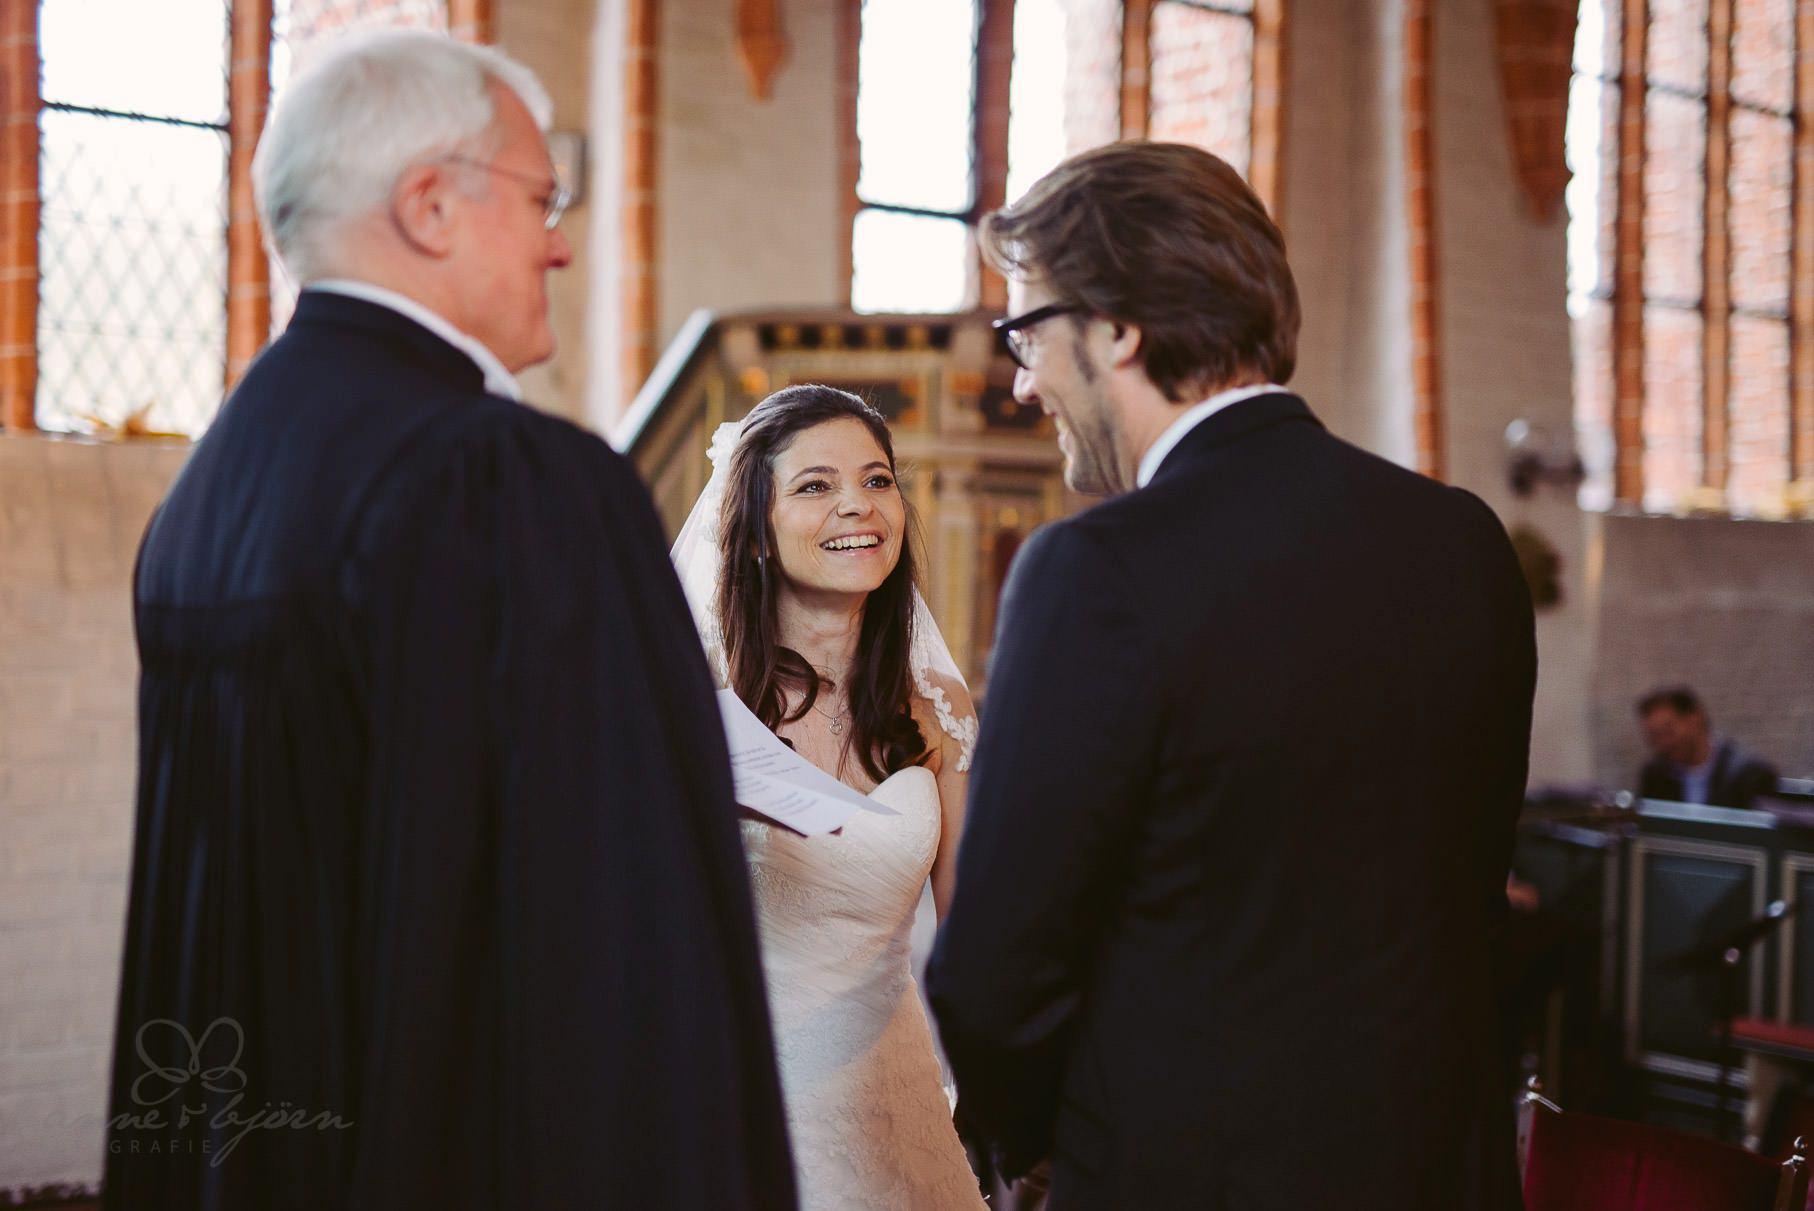 0061 aub 811 5177 - Hochzeit auf Gut Thansen - Anja & Björn